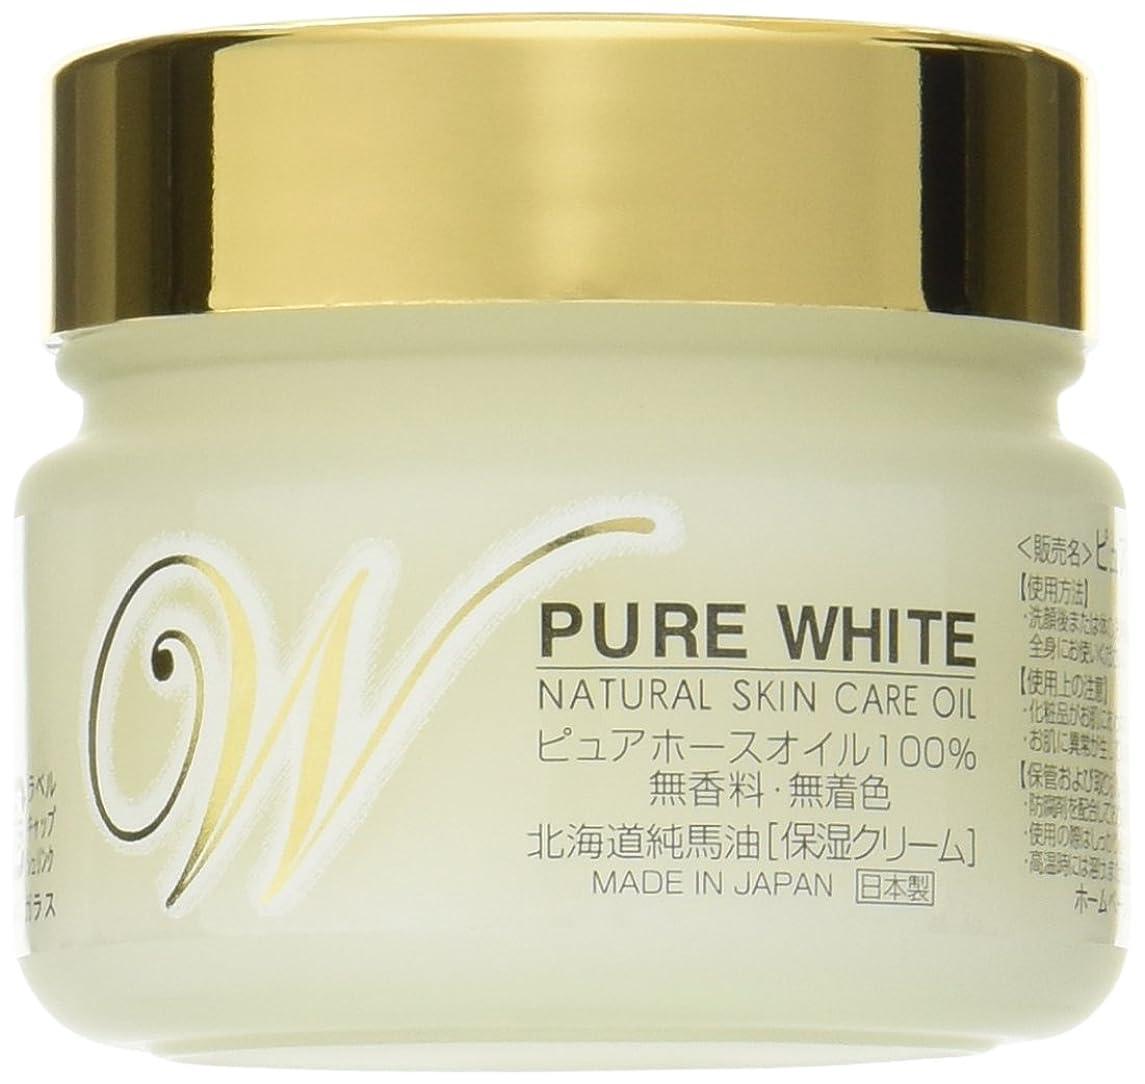 断言する不名誉なまた明日ね北海道純馬油本舗 ピュアホワイト ピュアホースオイル100% 保湿クリーム 無香料無着色 100g